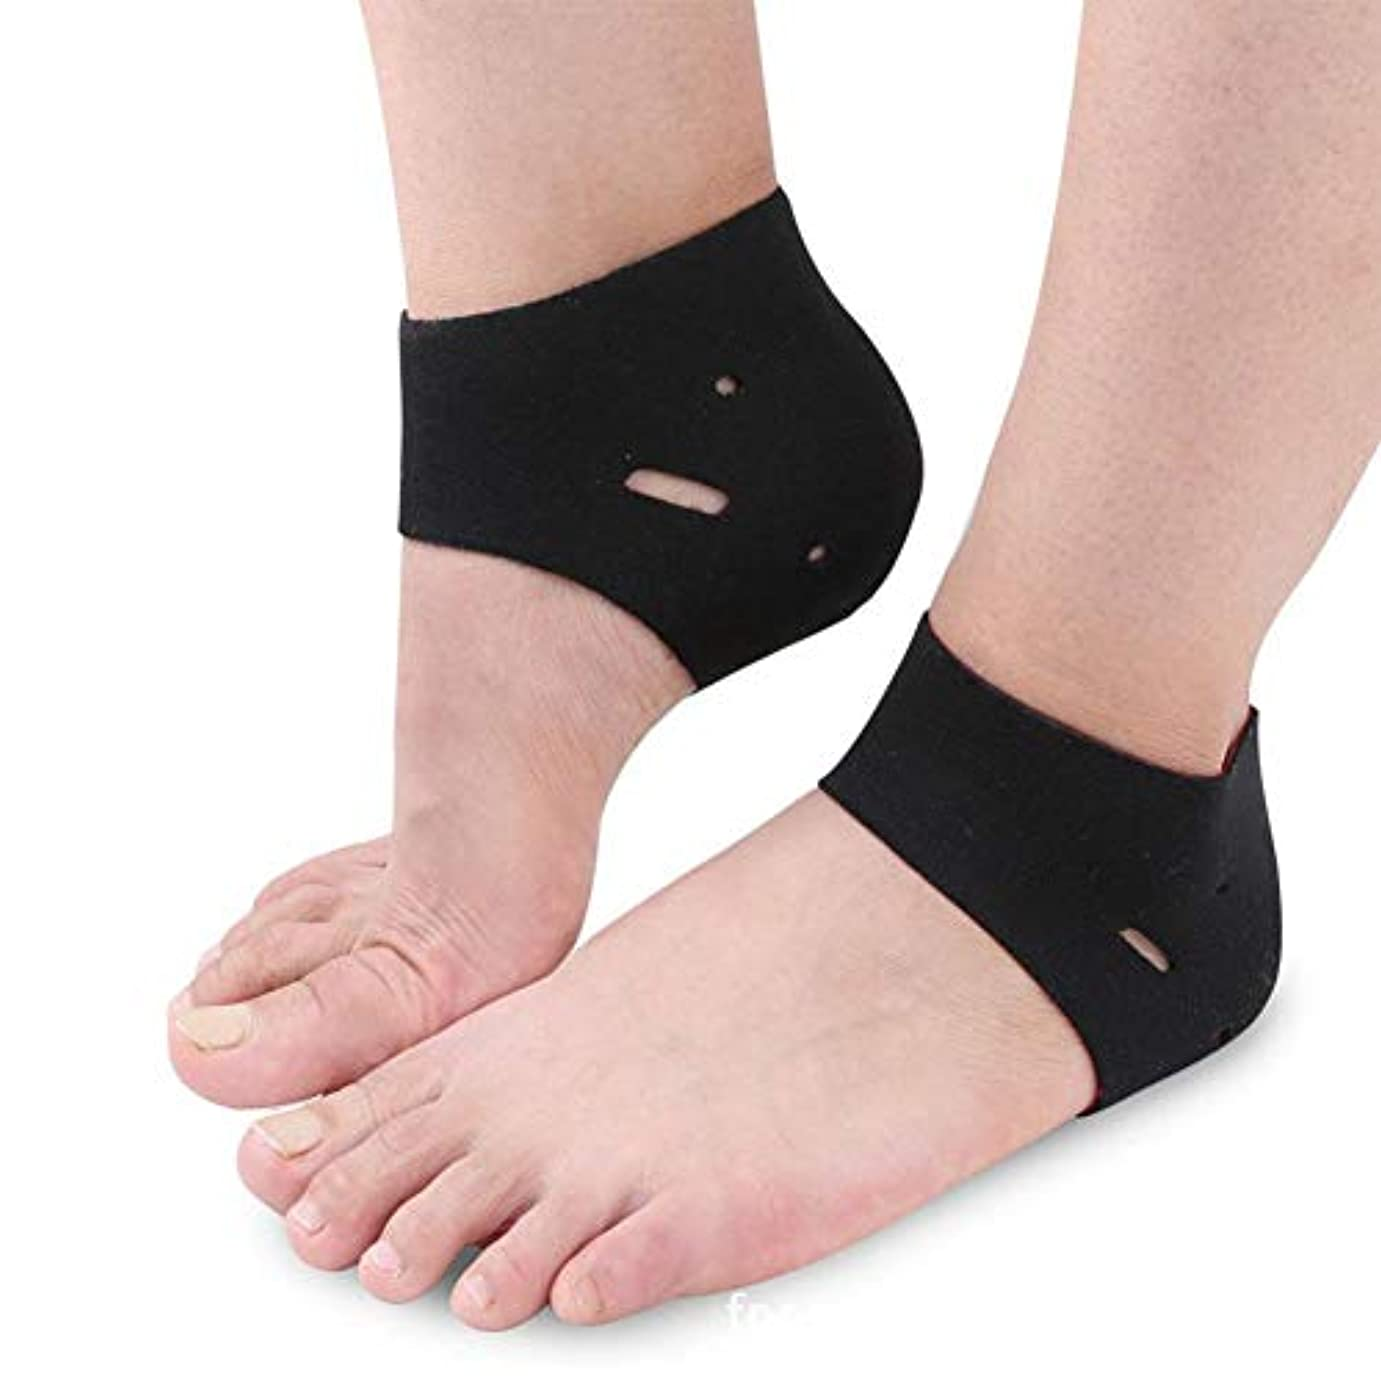 億階輸送足底筋膜炎インサートパッド、足底筋膜炎、ひび割れかかと、アキレス腱炎およびかかとの痛み、女性および男性用